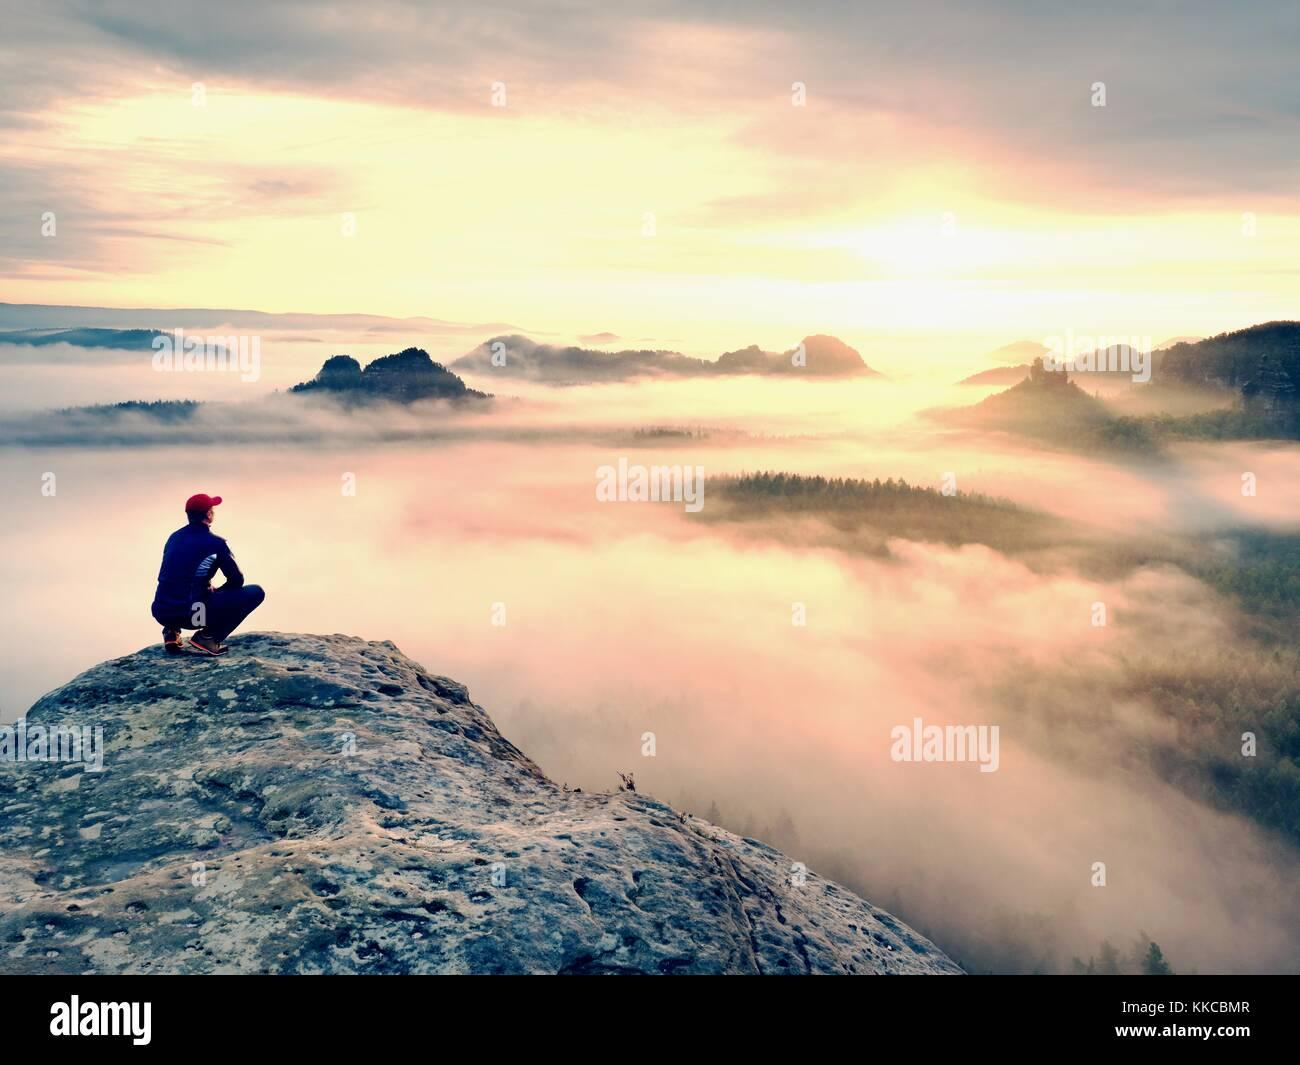 Momento de soledad en la cumbre rocosa expuesta. Hombre de negro disfrutar de maravillosas vistas. caminante sentarse Foto de stock